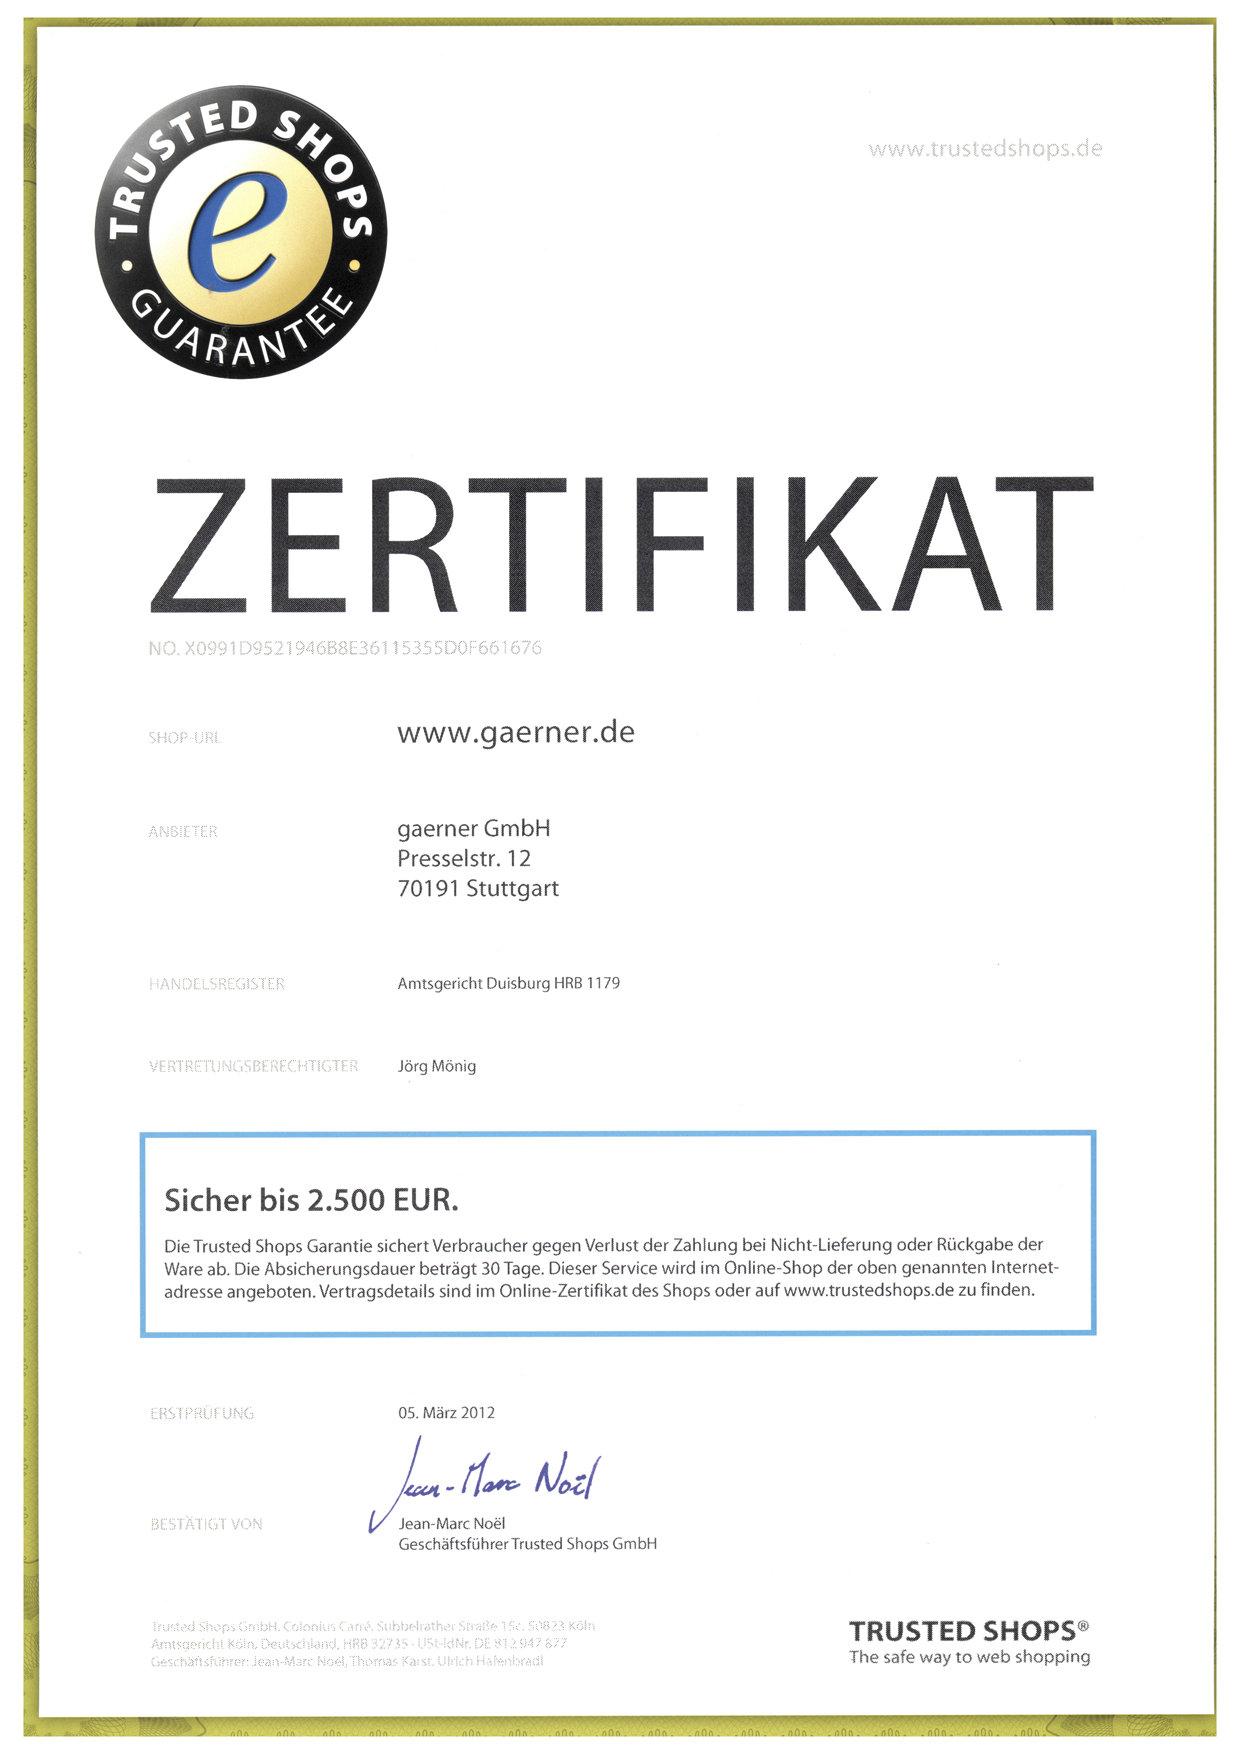 Zertifikate Gaerner Deutschland